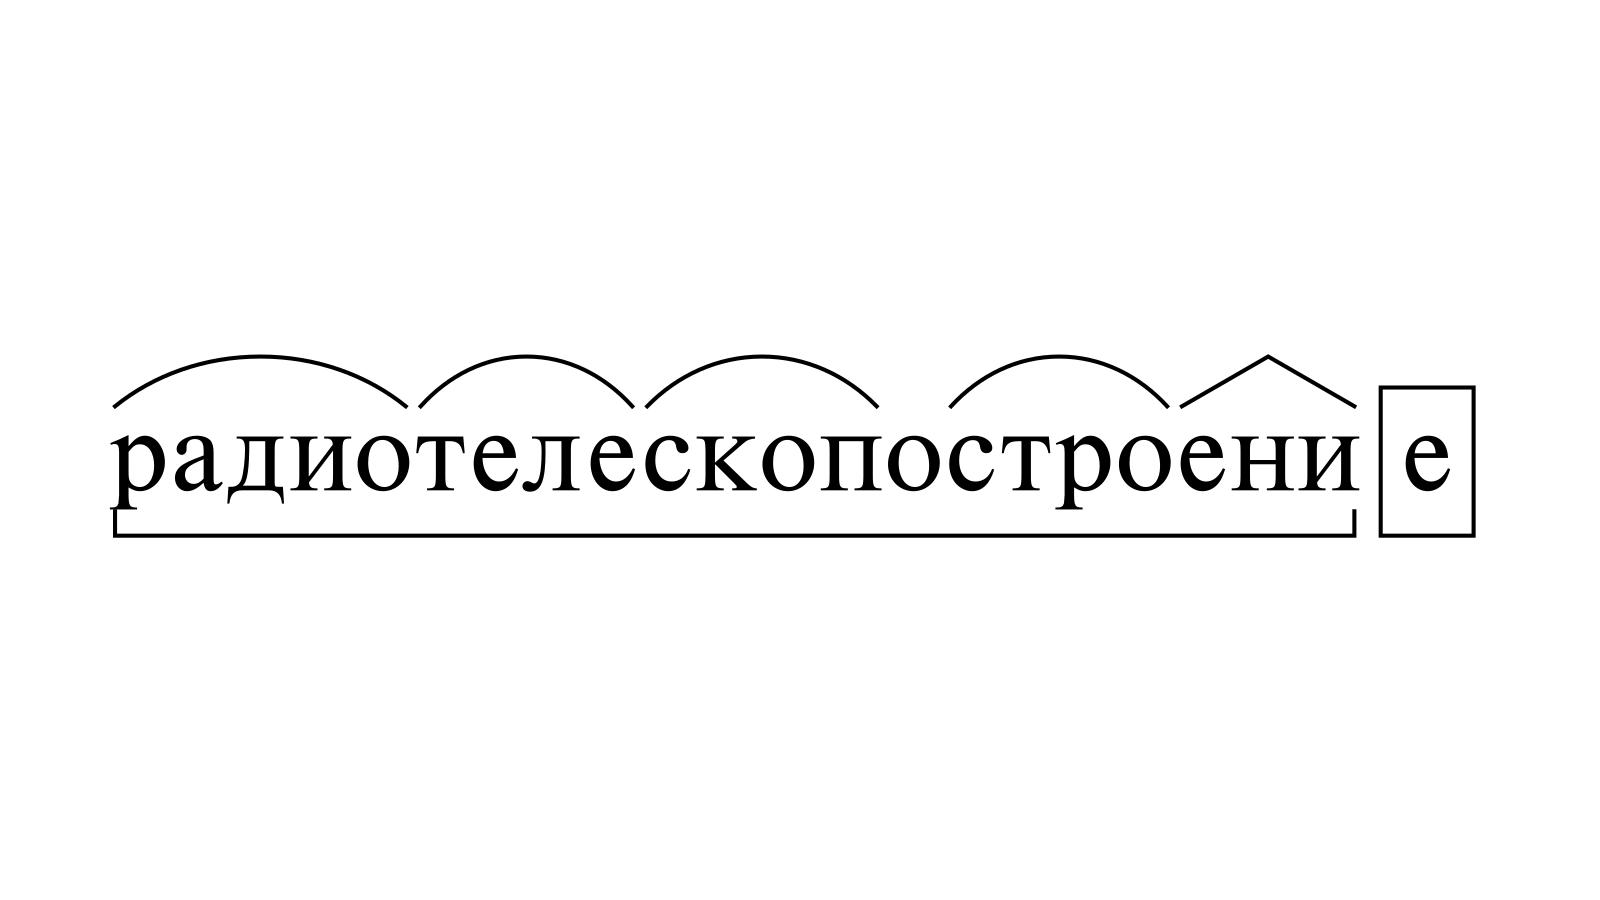 Разбор слова «радиотелескопостроение» по составу